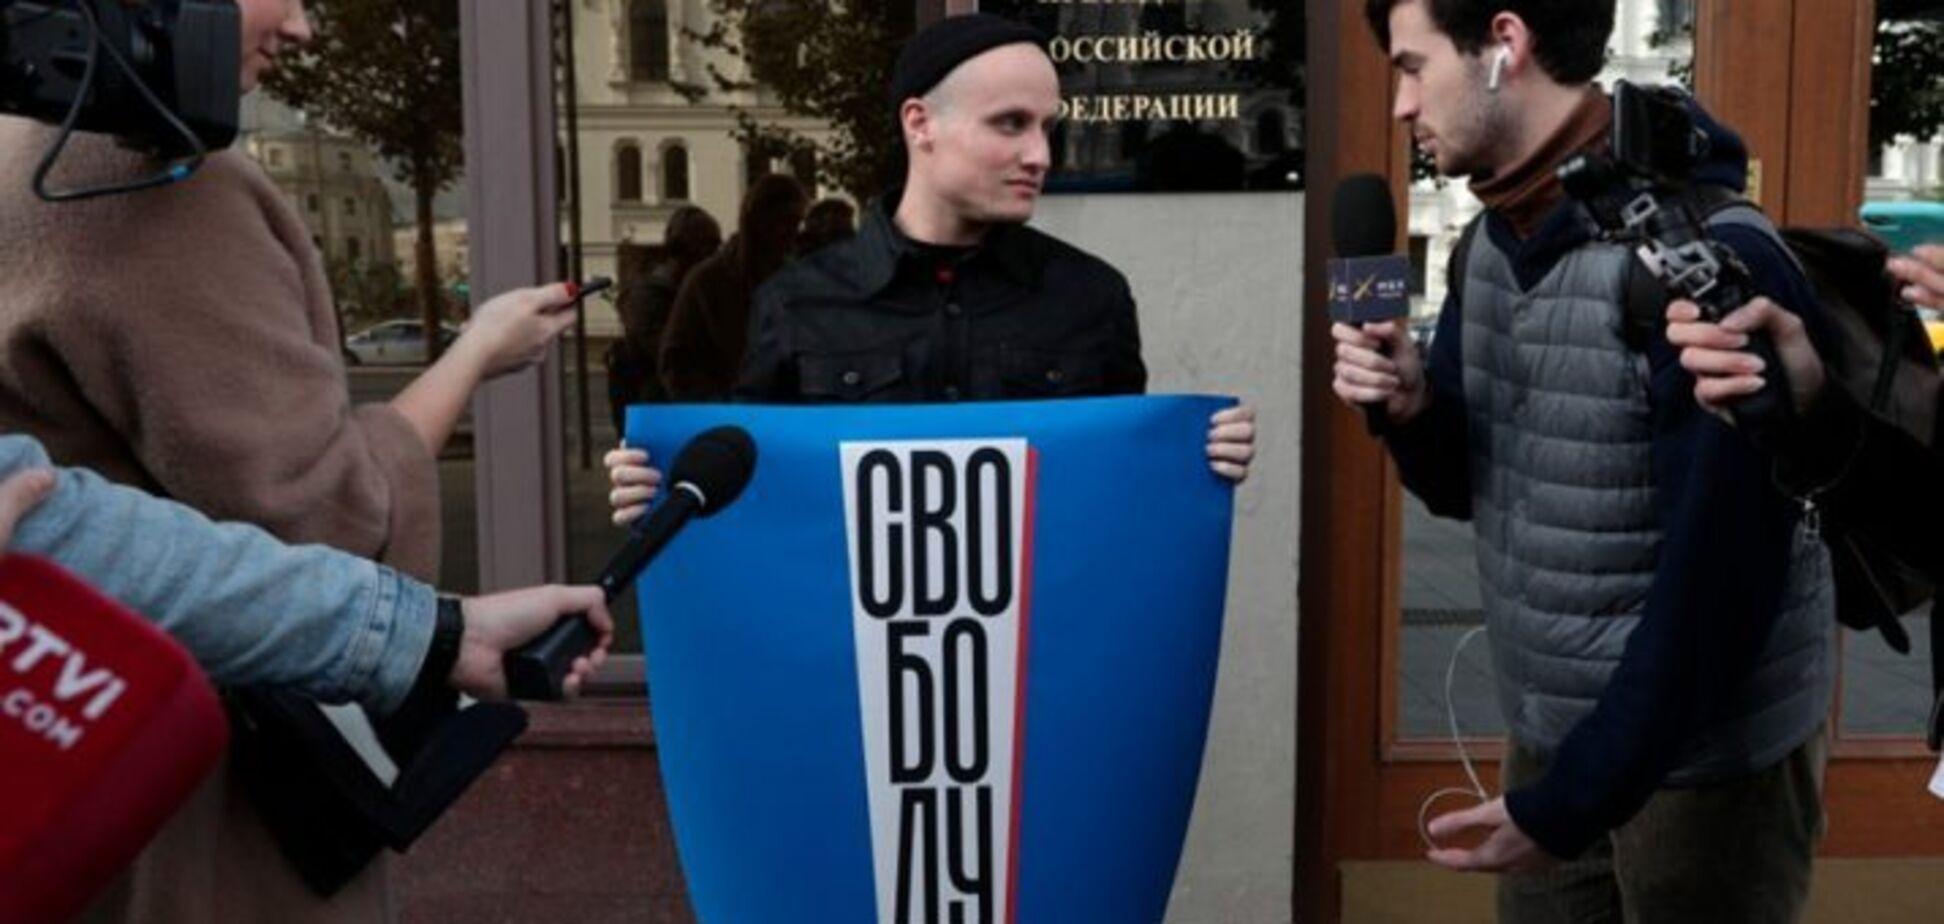 Протесты в России и Беларуси: воспользуется ли РФ опытом соседа?